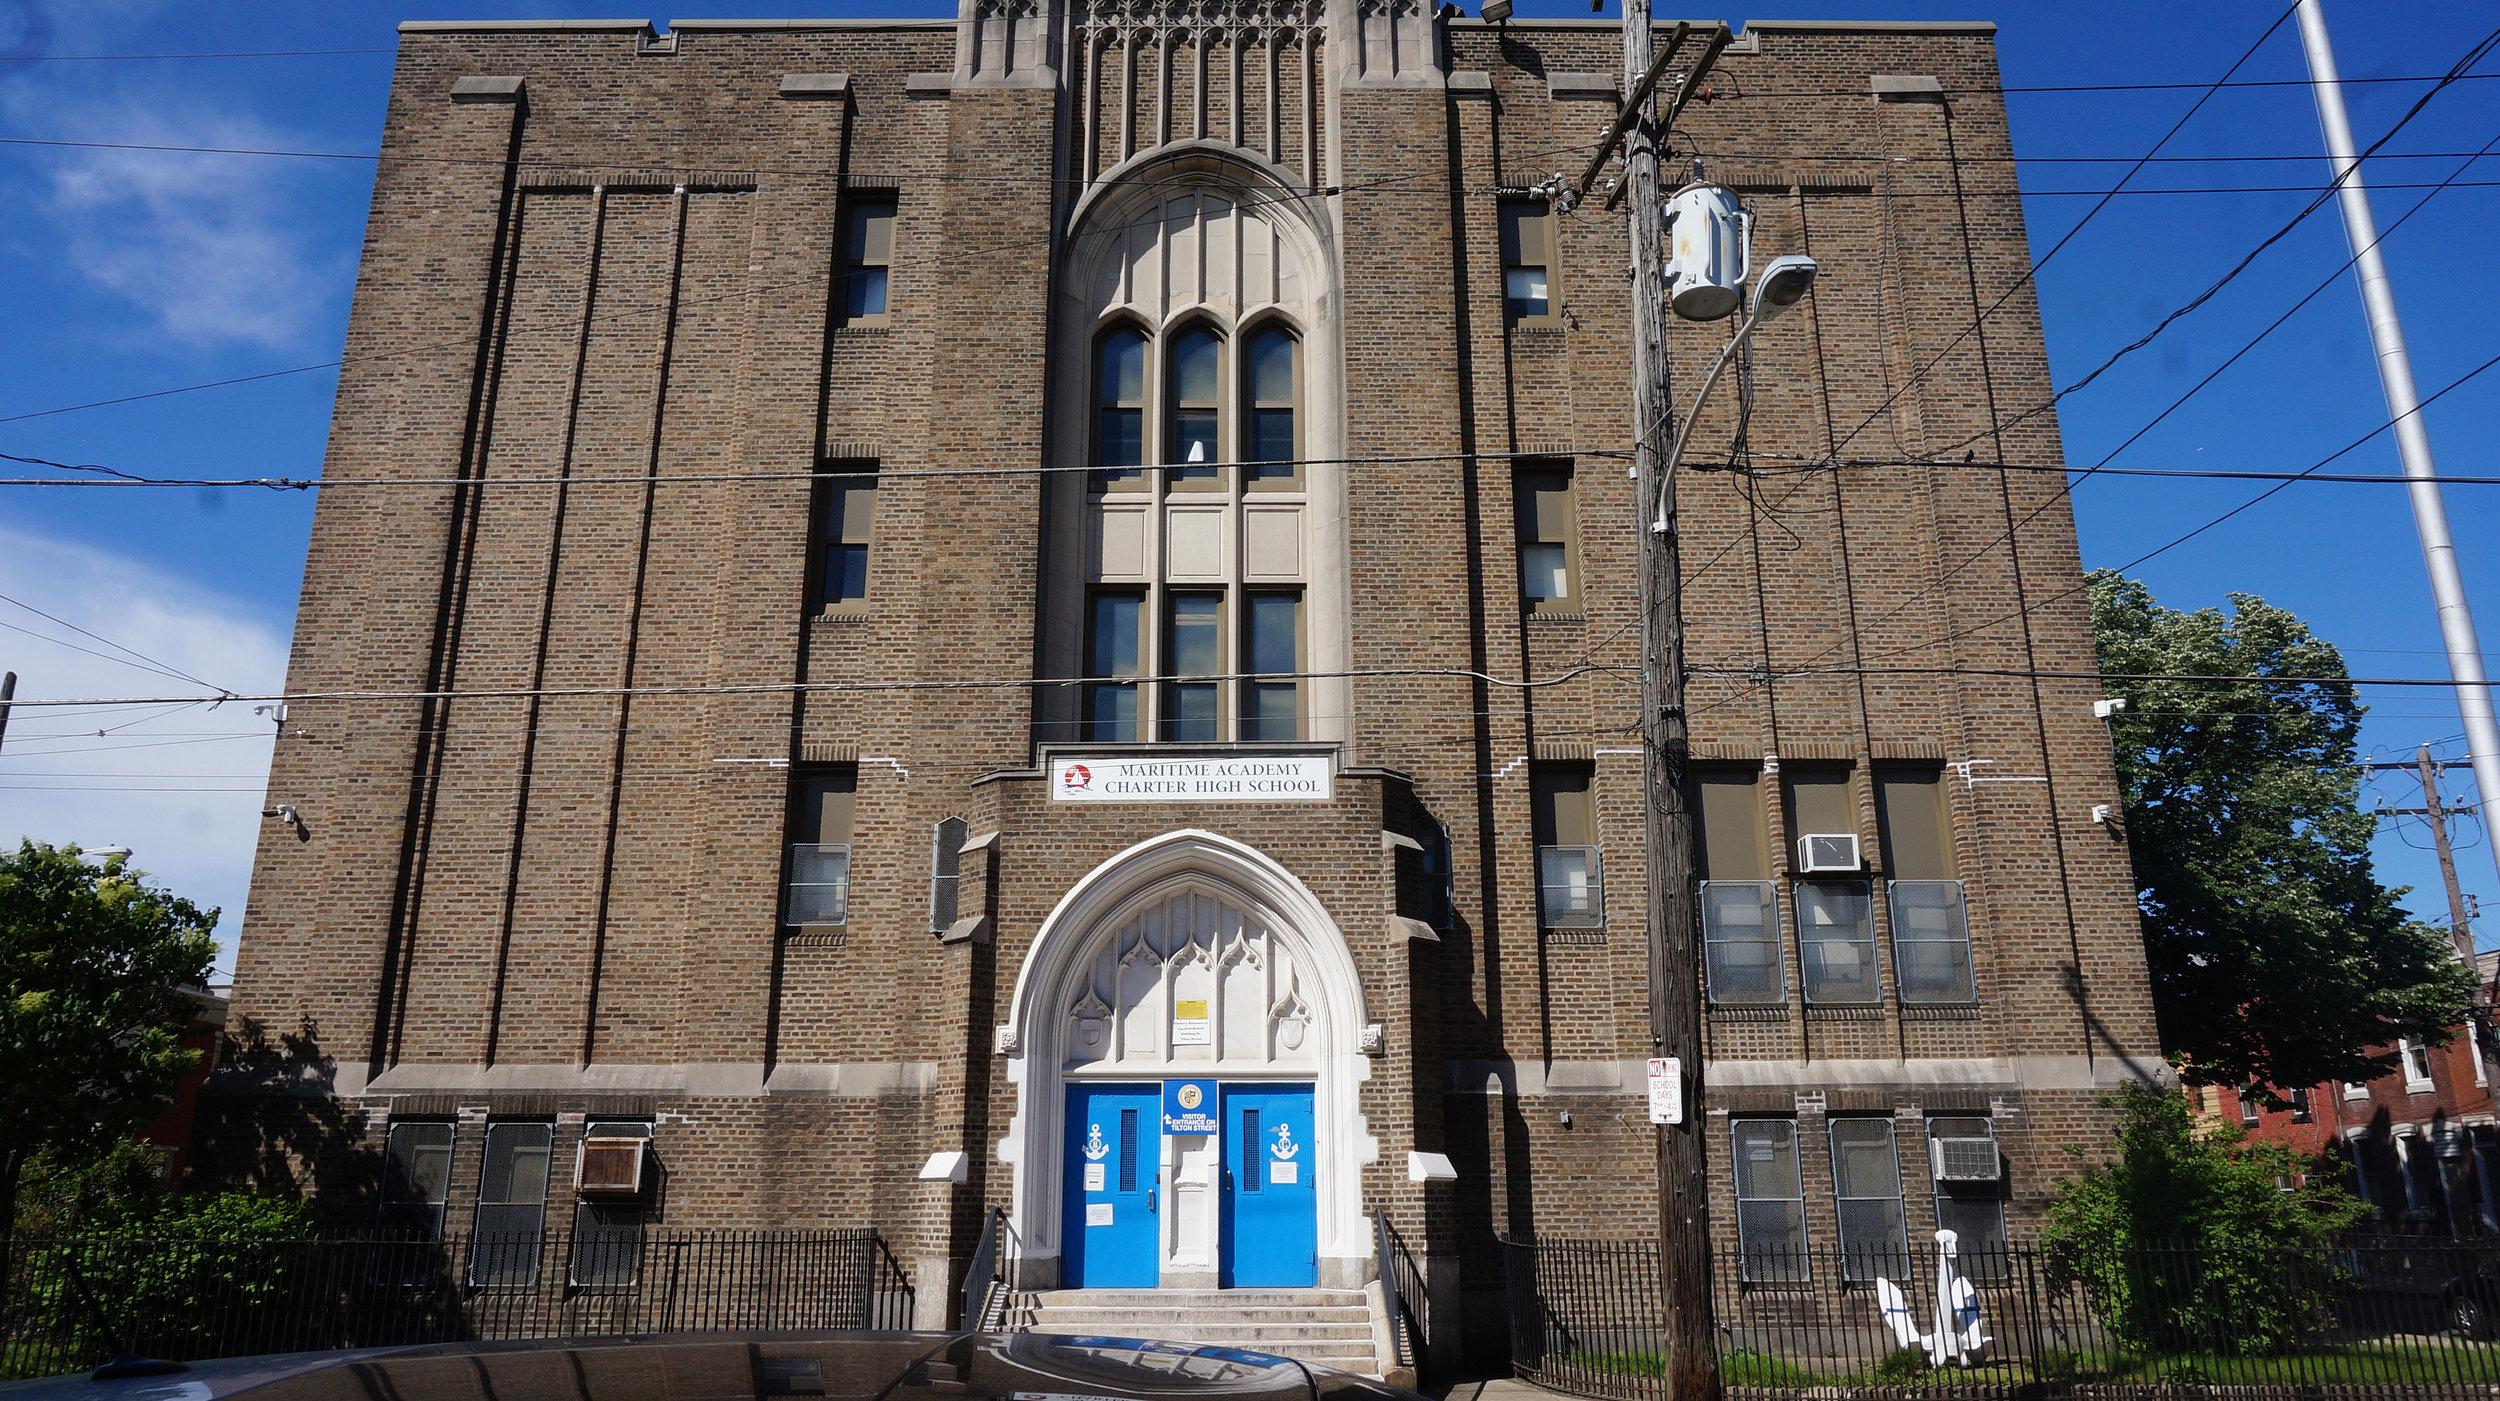 Maritime Academy Charter High School